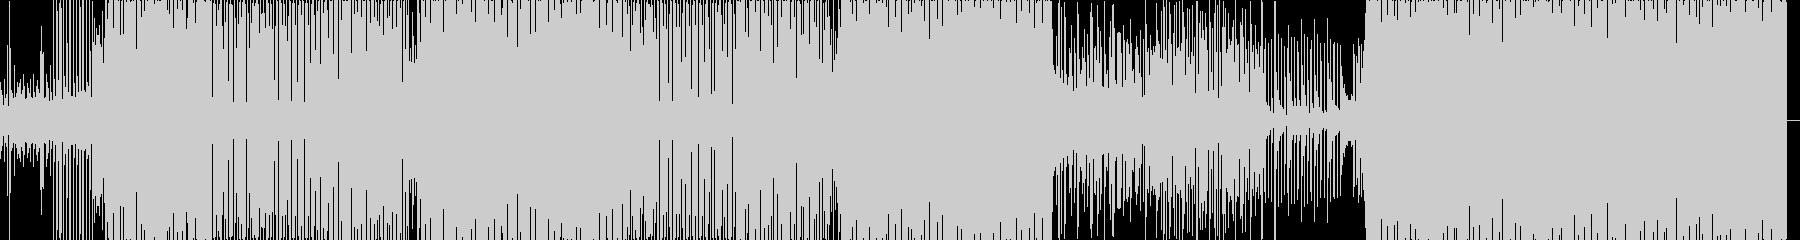 アルペジオを用いたコード感のある4つ打ちの未再生の波形